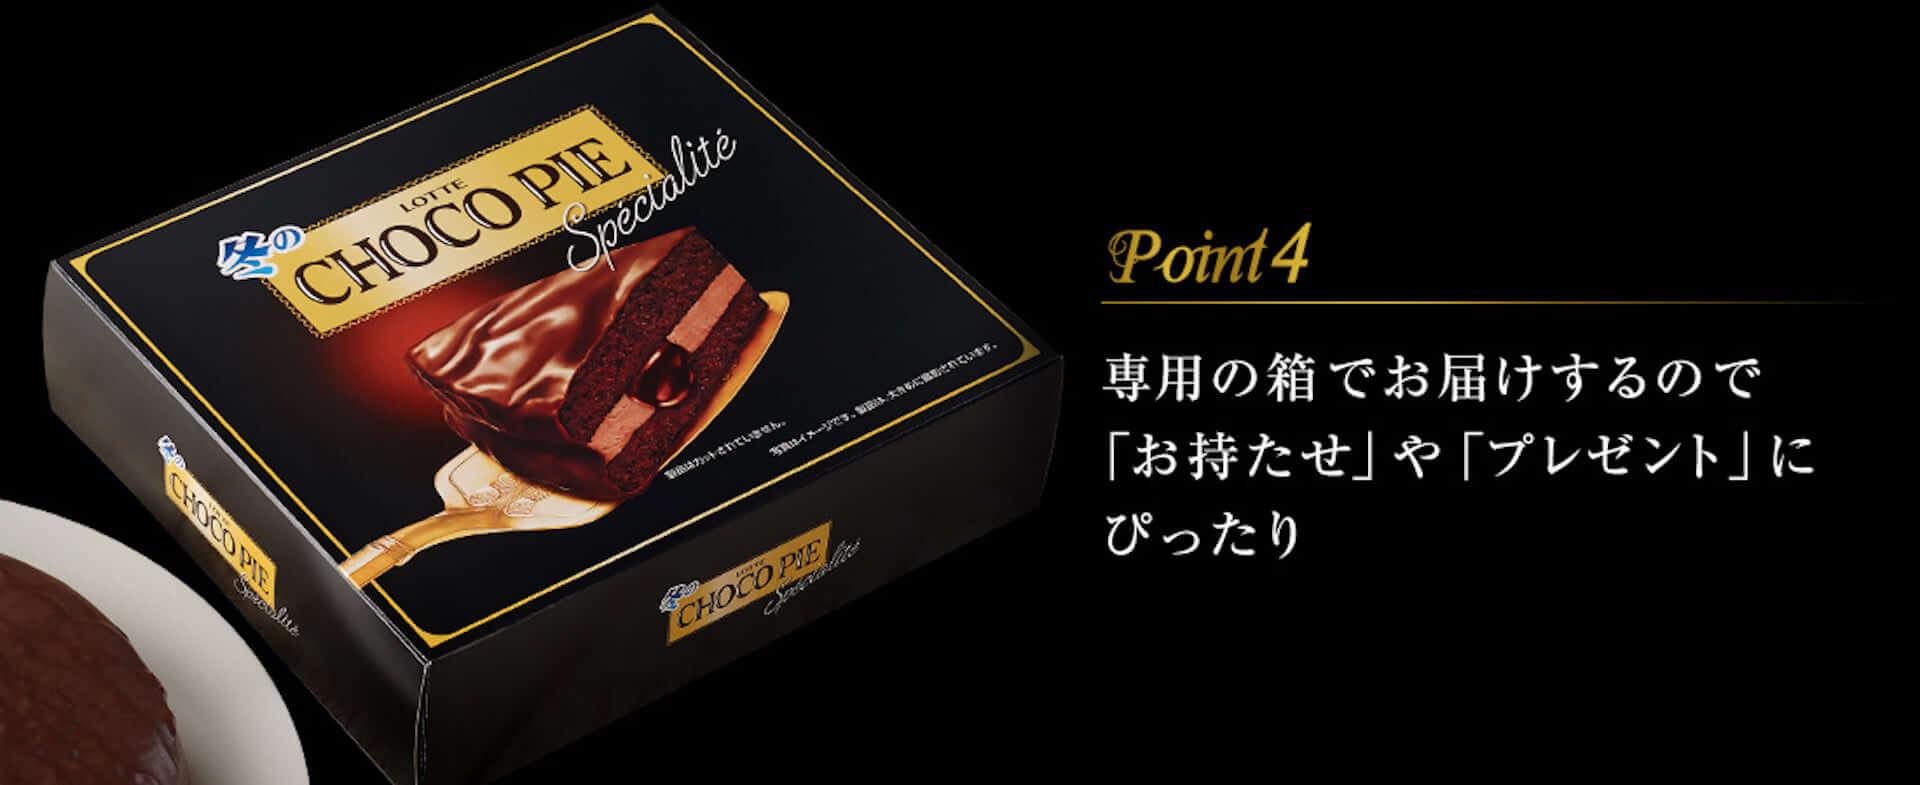 ロッテから「冬のチョコパイ」史上最重量のホールケーキが登場!1,000個限定の新商品『スペシャリテ』が発売決定 gourmet201117_chocopie_4-1920x785